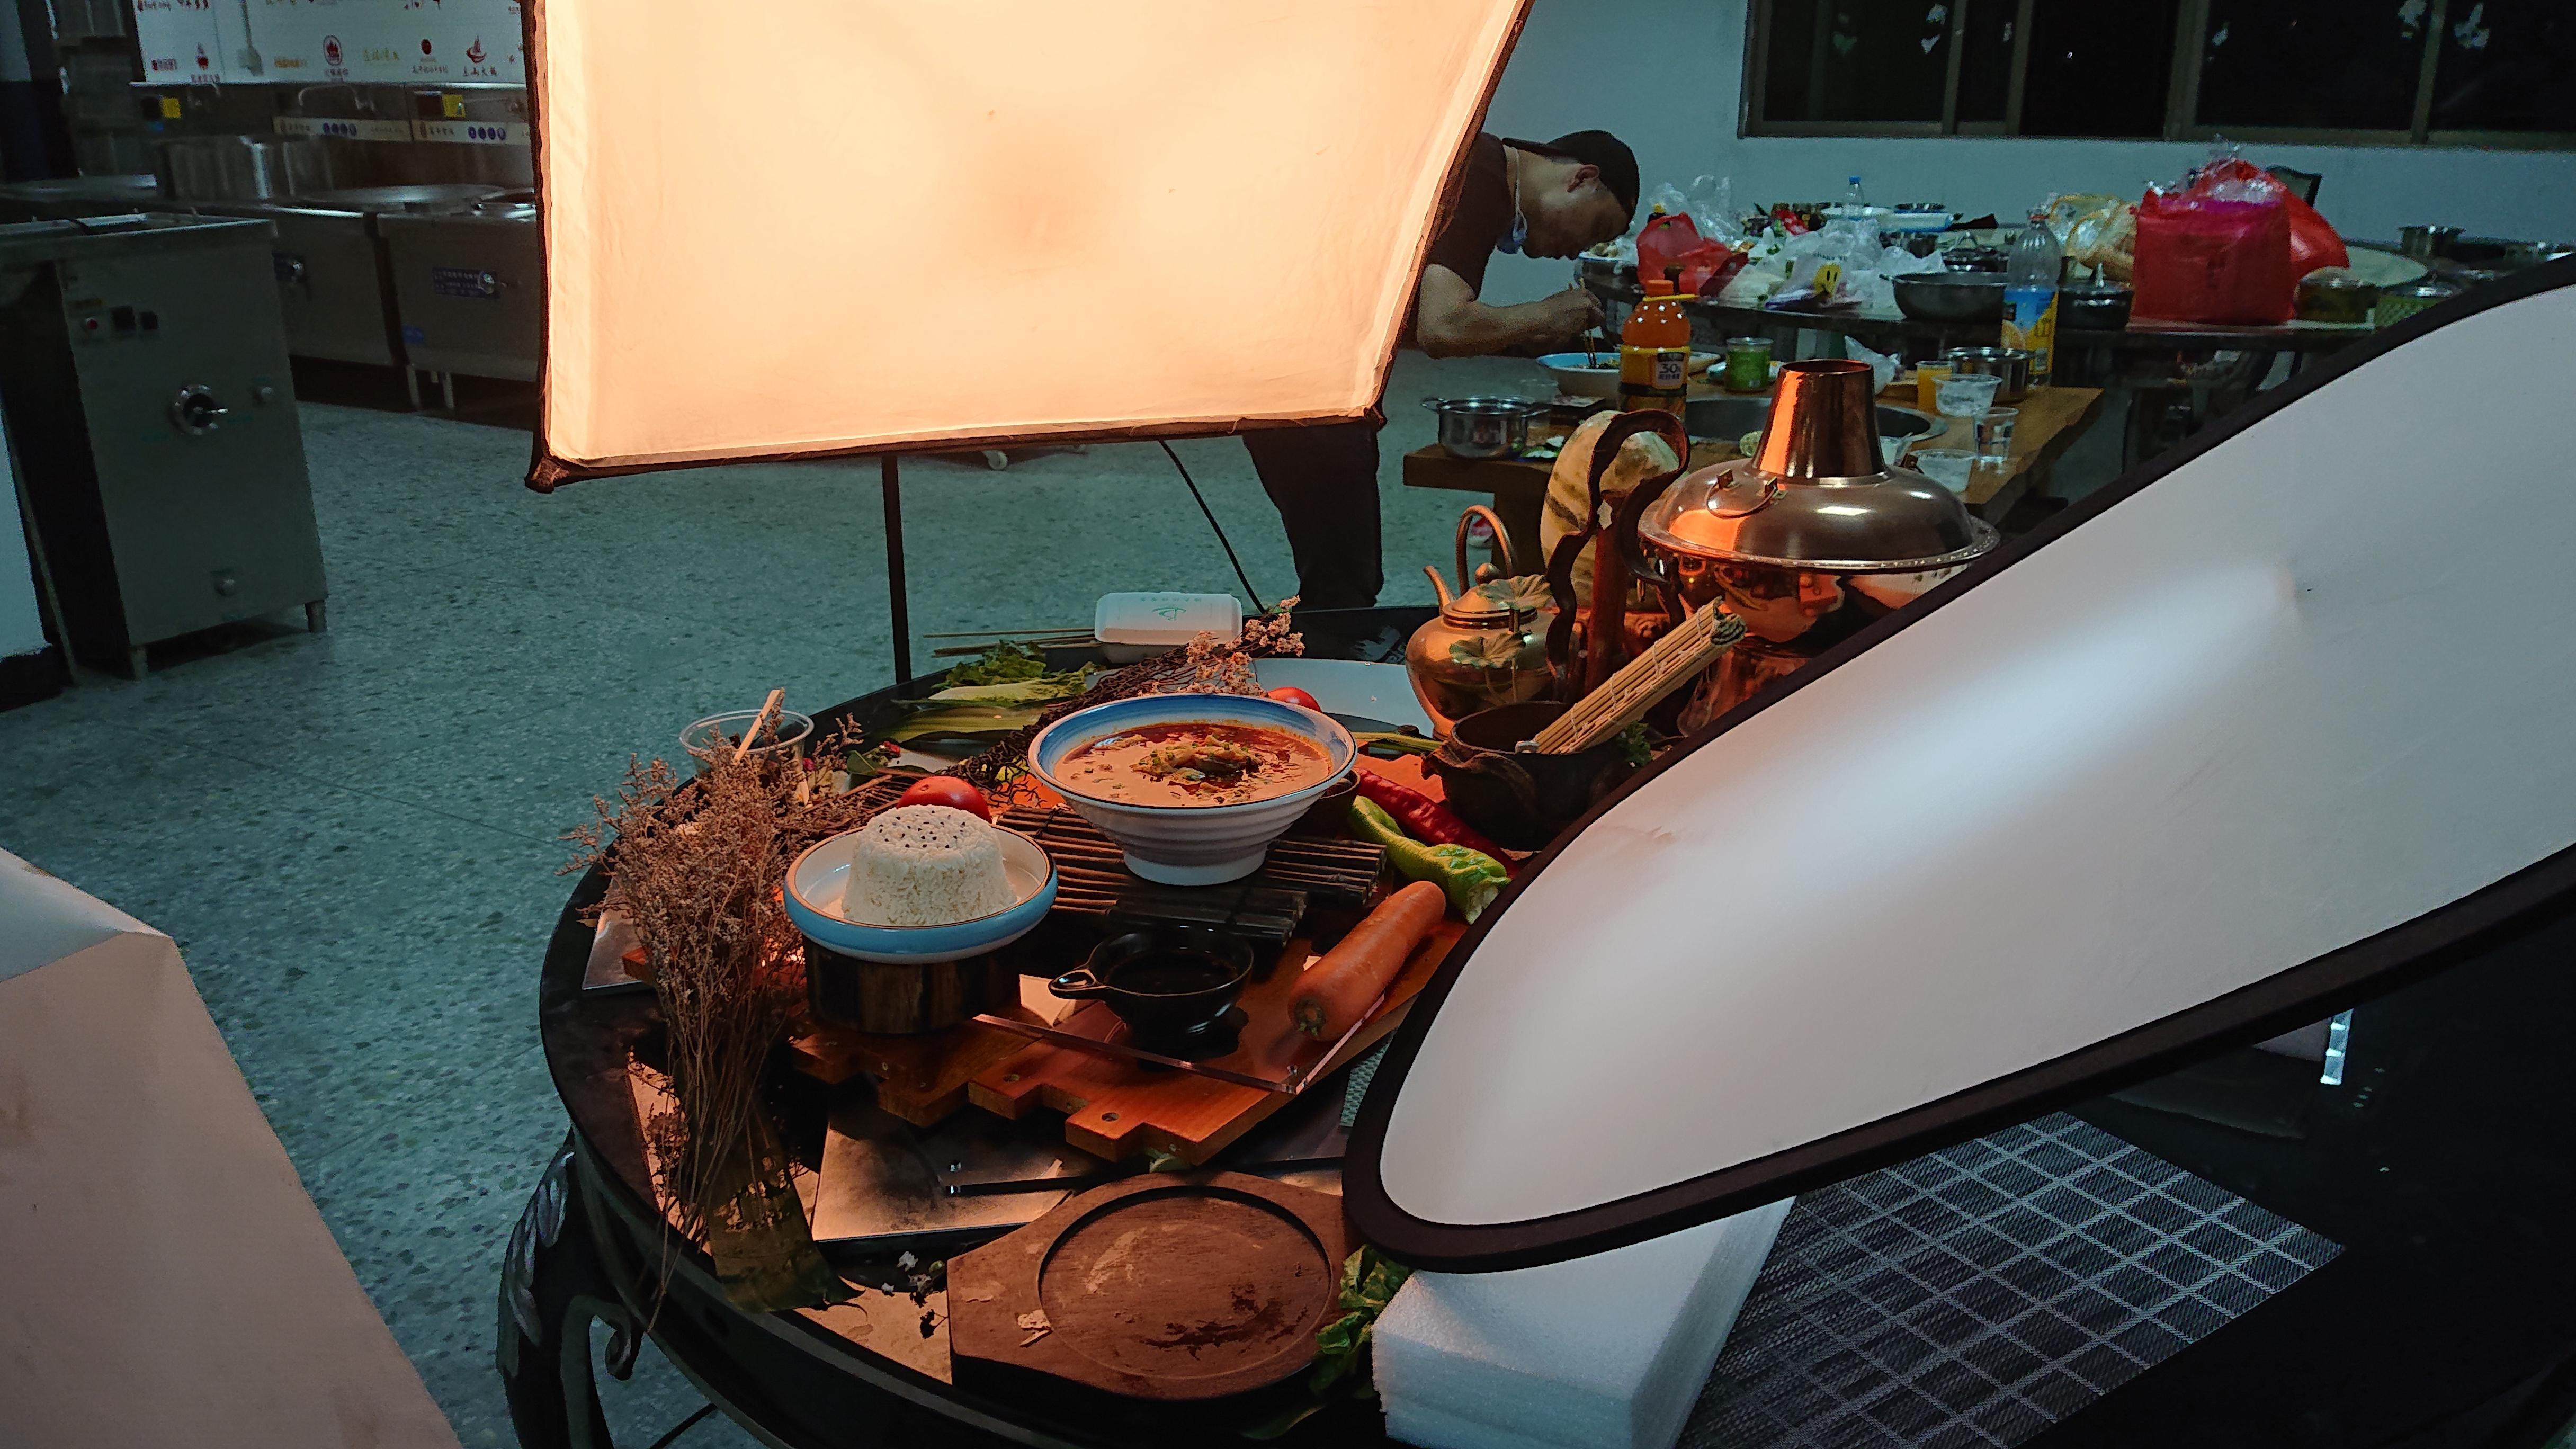 专注菜品美食图片拍摄